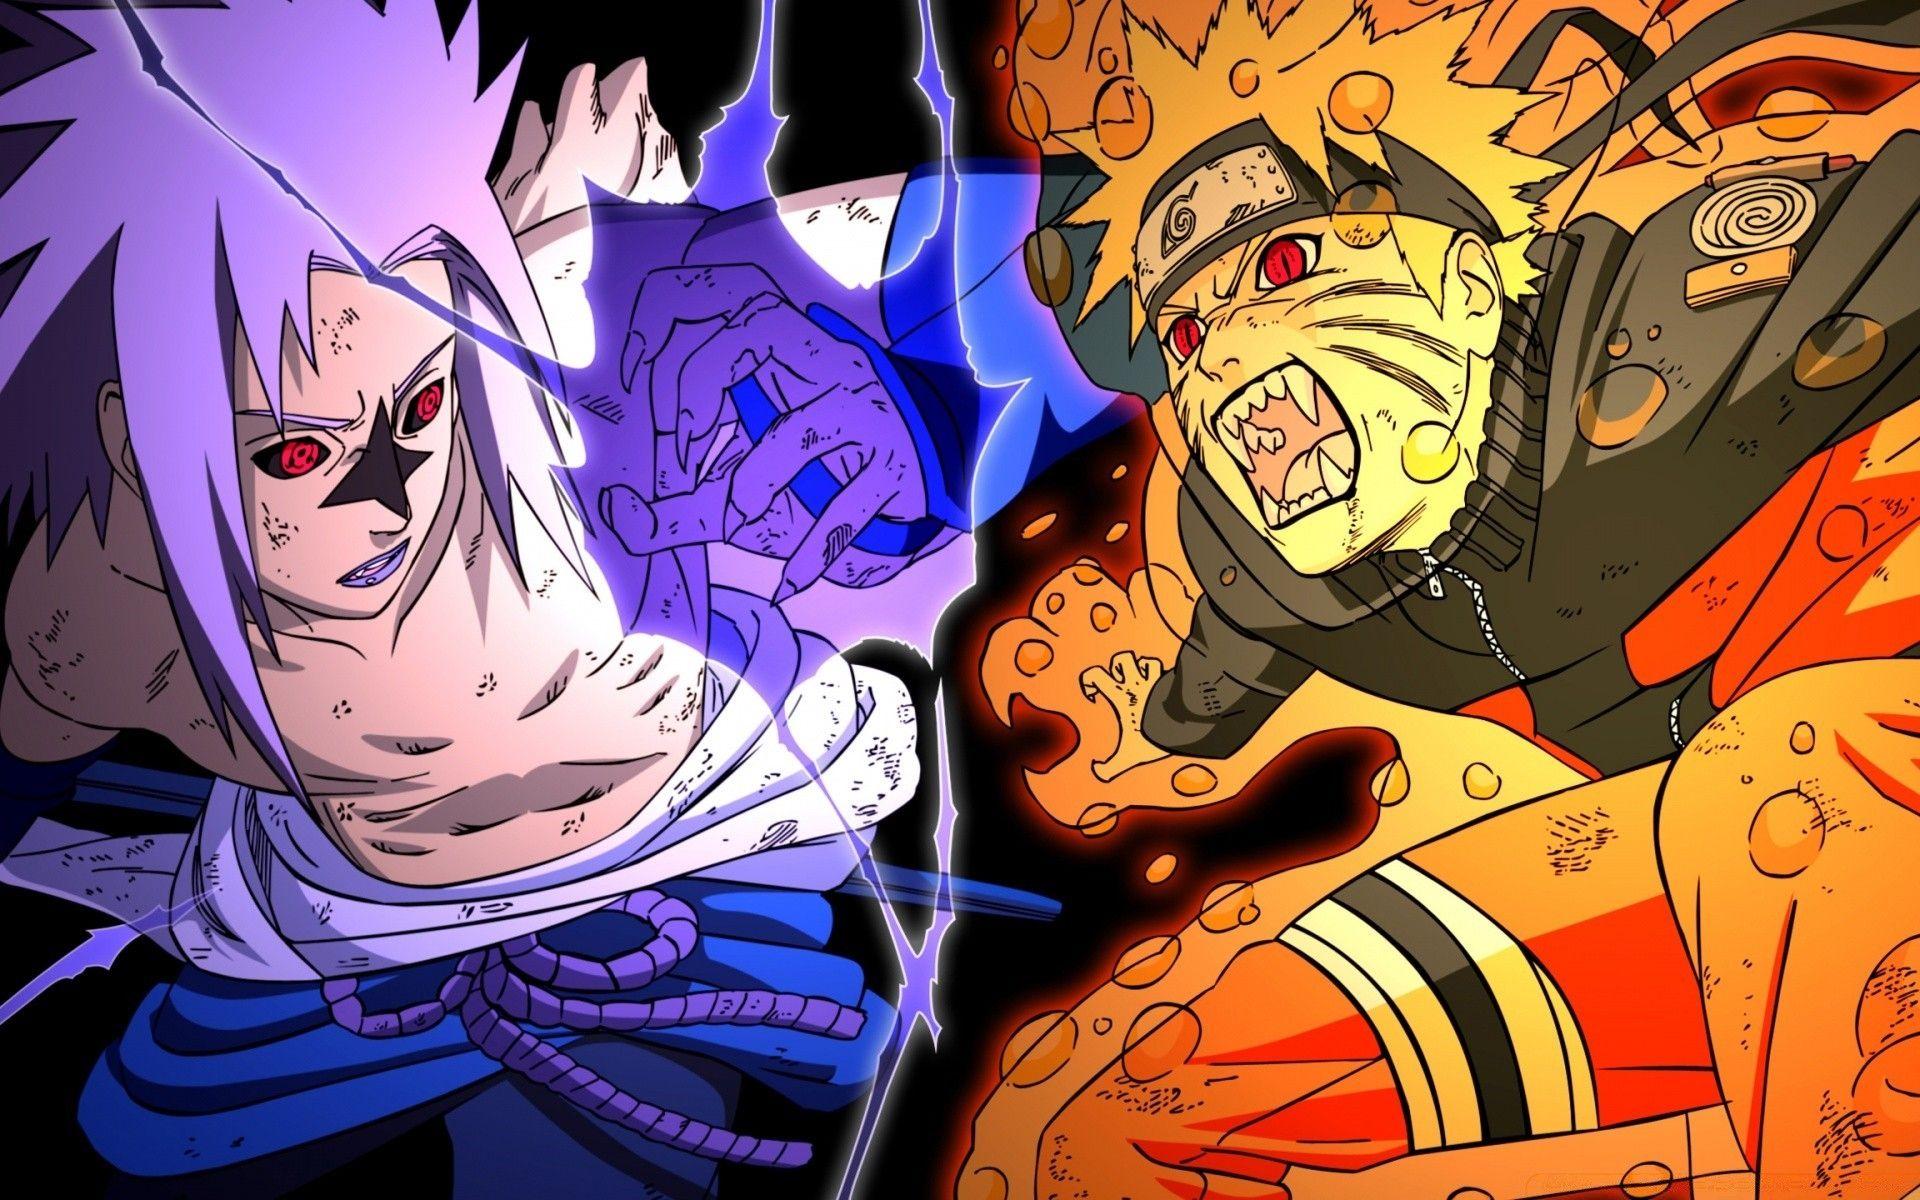 Naruto Wallpaper Art Hd, Wallpaper Theme